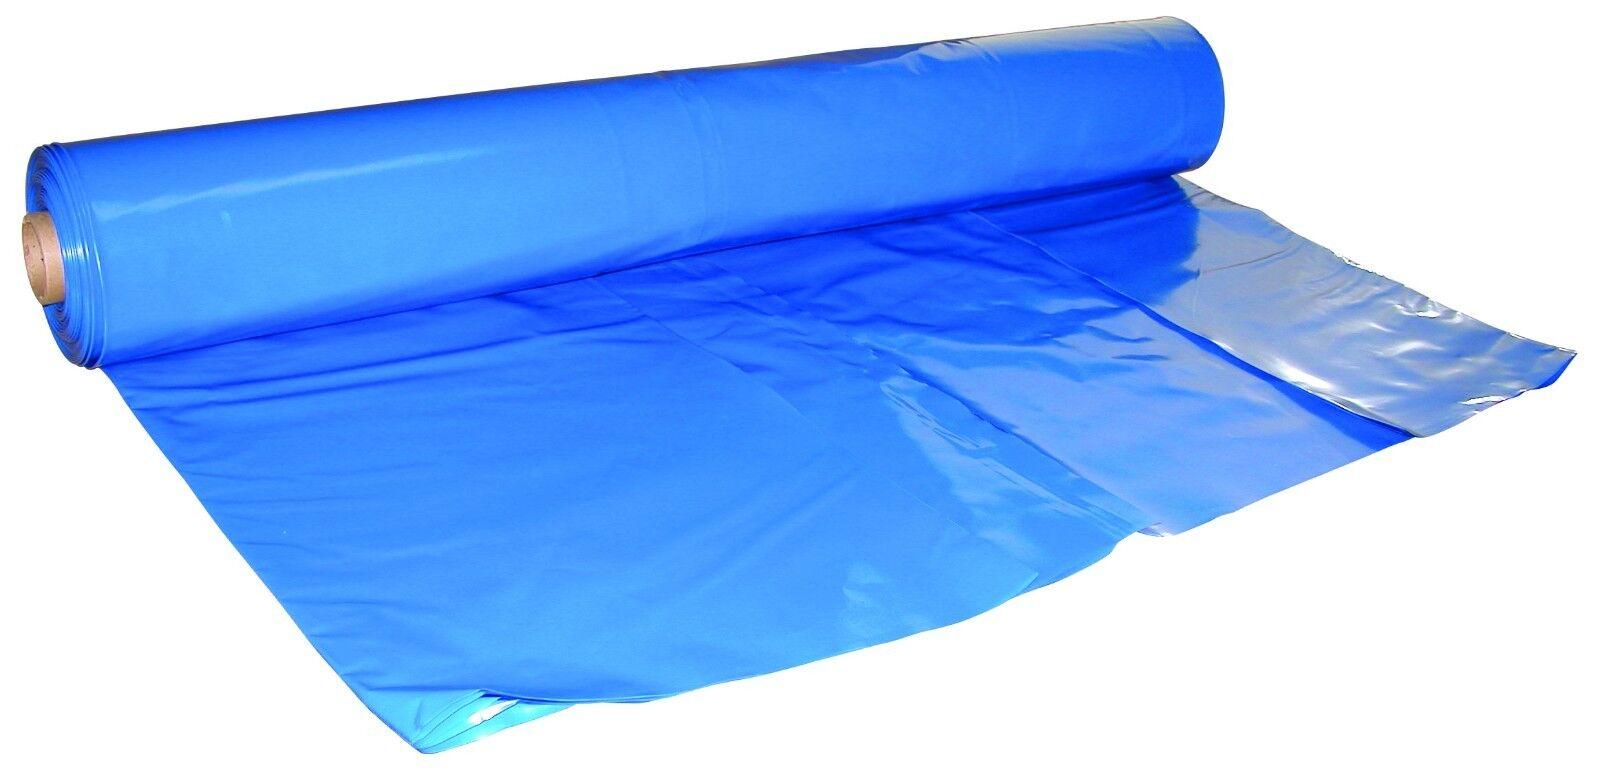 24 ft. x 45 ft. Blue, 6 Mil Shrink Wrap - DS-246045B